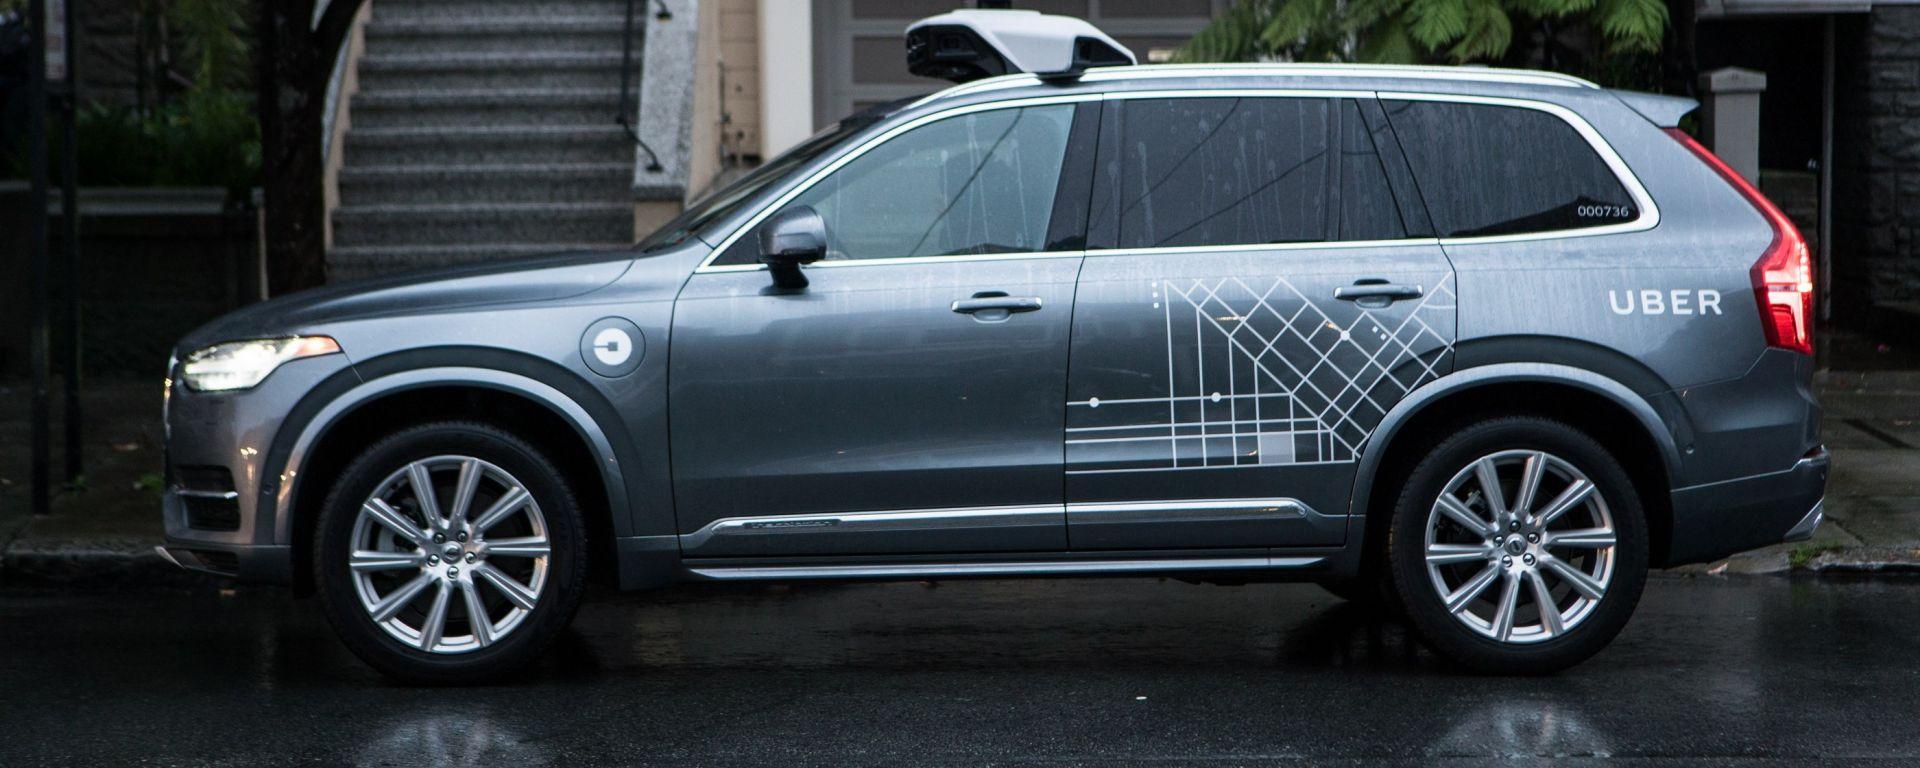 Uber: ferme le auto robot a San Francisco. Il programma verrà trasferito